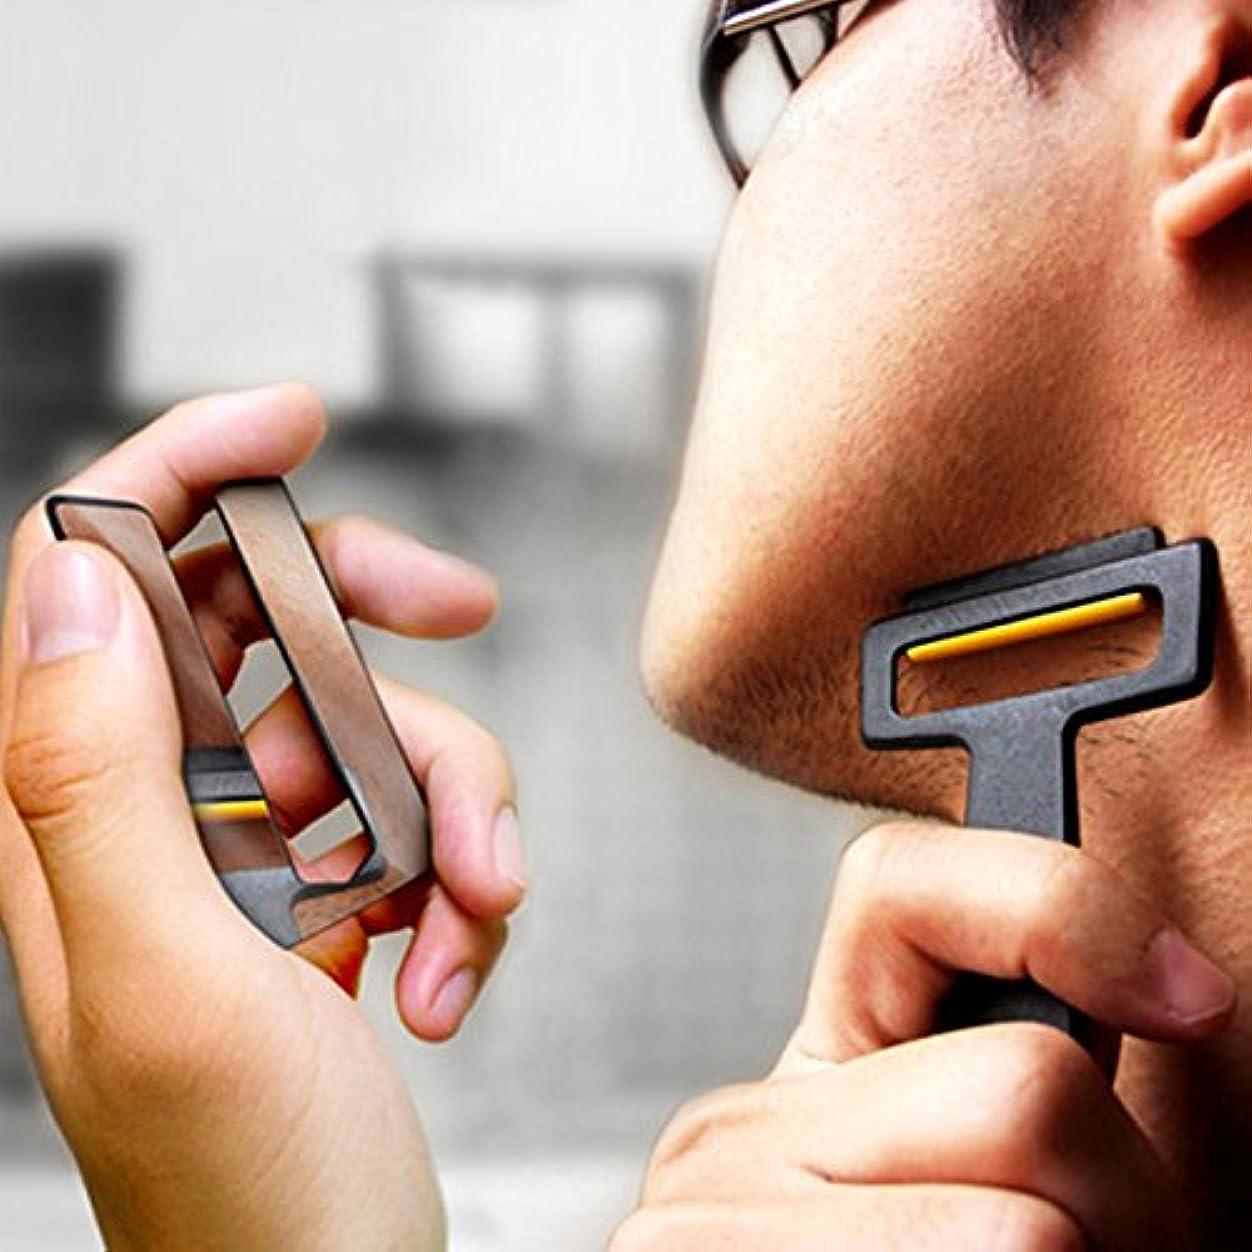 黒人ホーン固執Pogass Carzor 3 In 1 Card設計された財布ミニかみそりビードポータブルひげ剃りミラースタンドキット